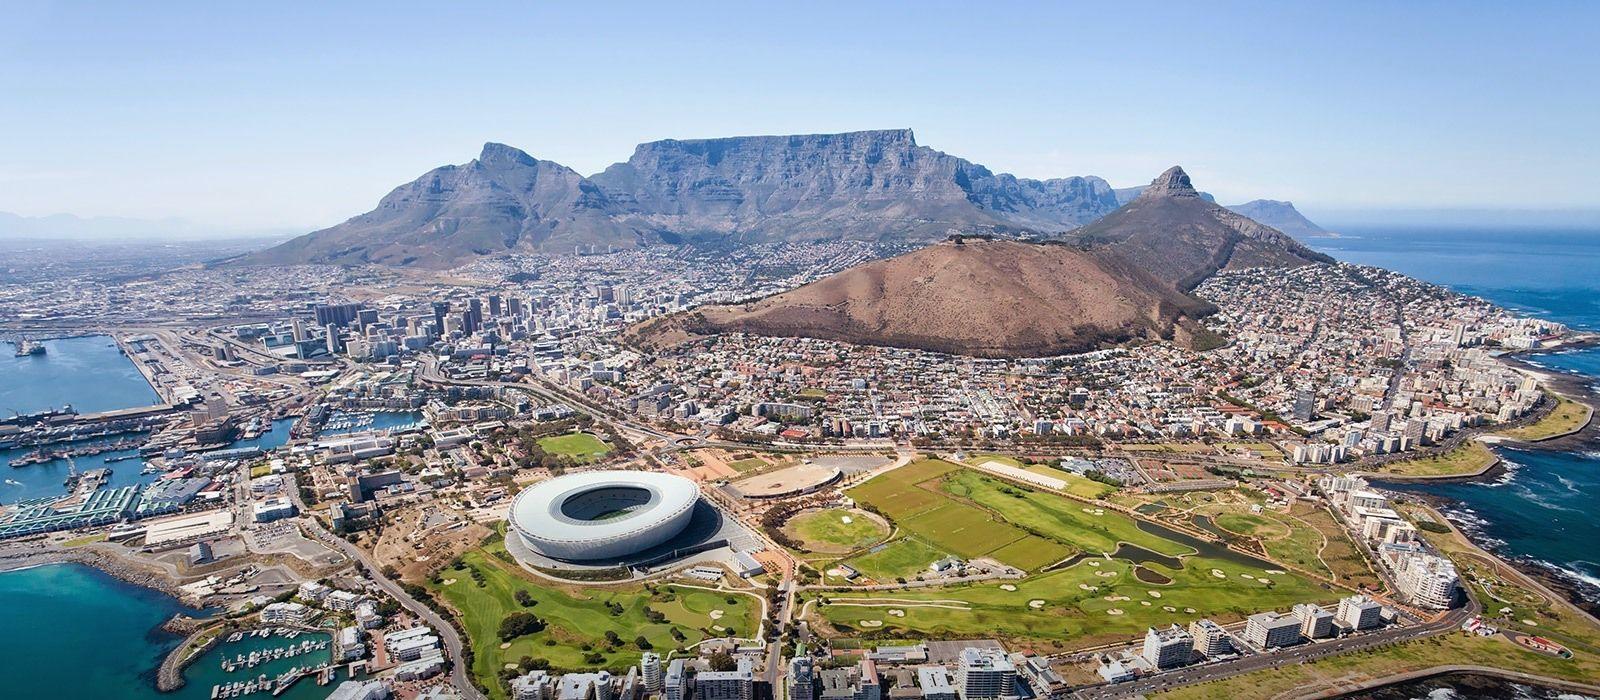 Reise durch Südafrika: Krüger, Garden Route und Kapstadt Urlaub 4